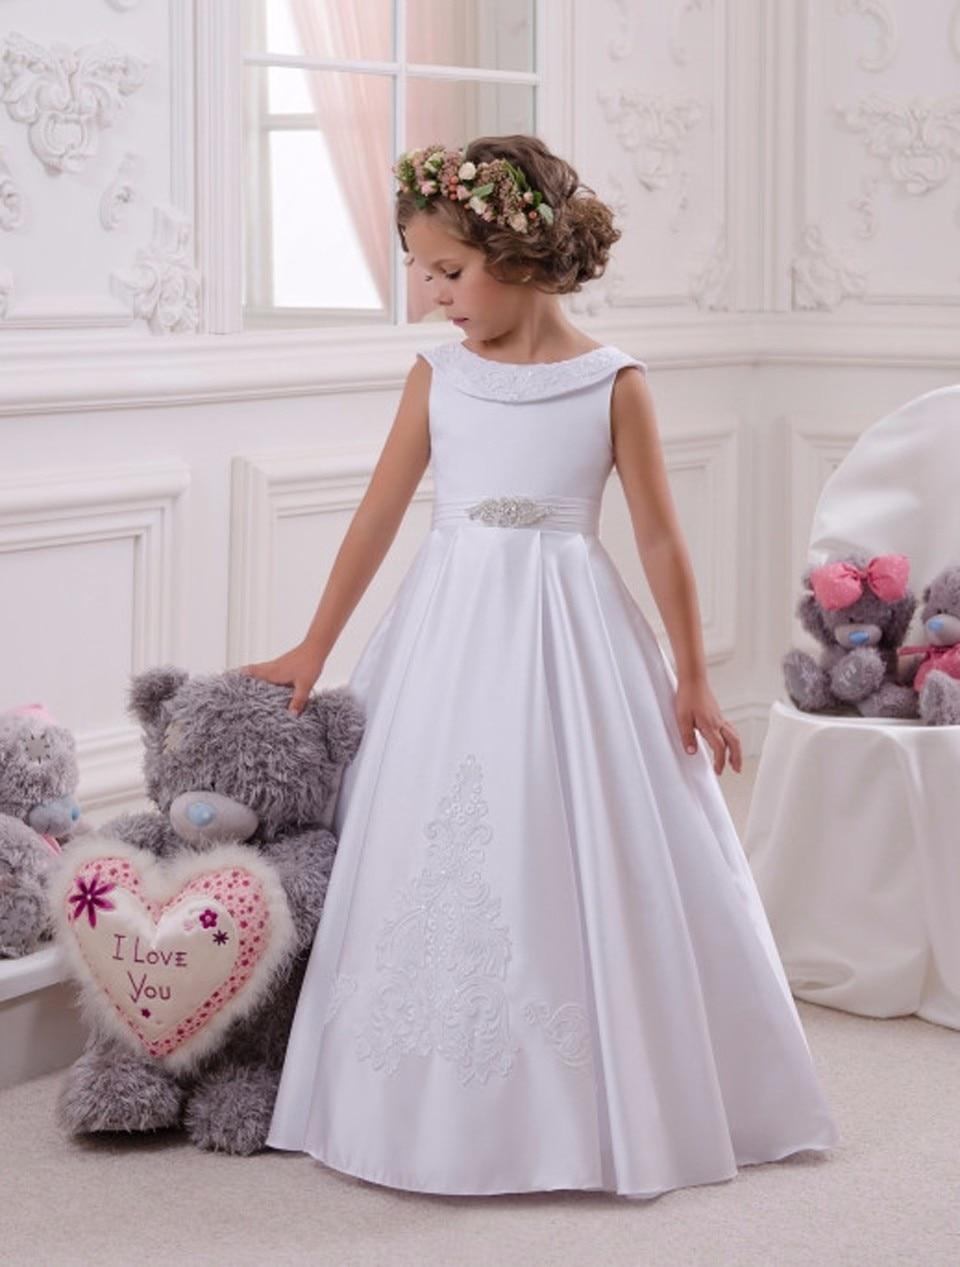 Petites robes de fille de fleur encolure ras du cou avec col dentelle Appliques une ligne blanc petites filles première Communion robe de reconstitution historique 2018